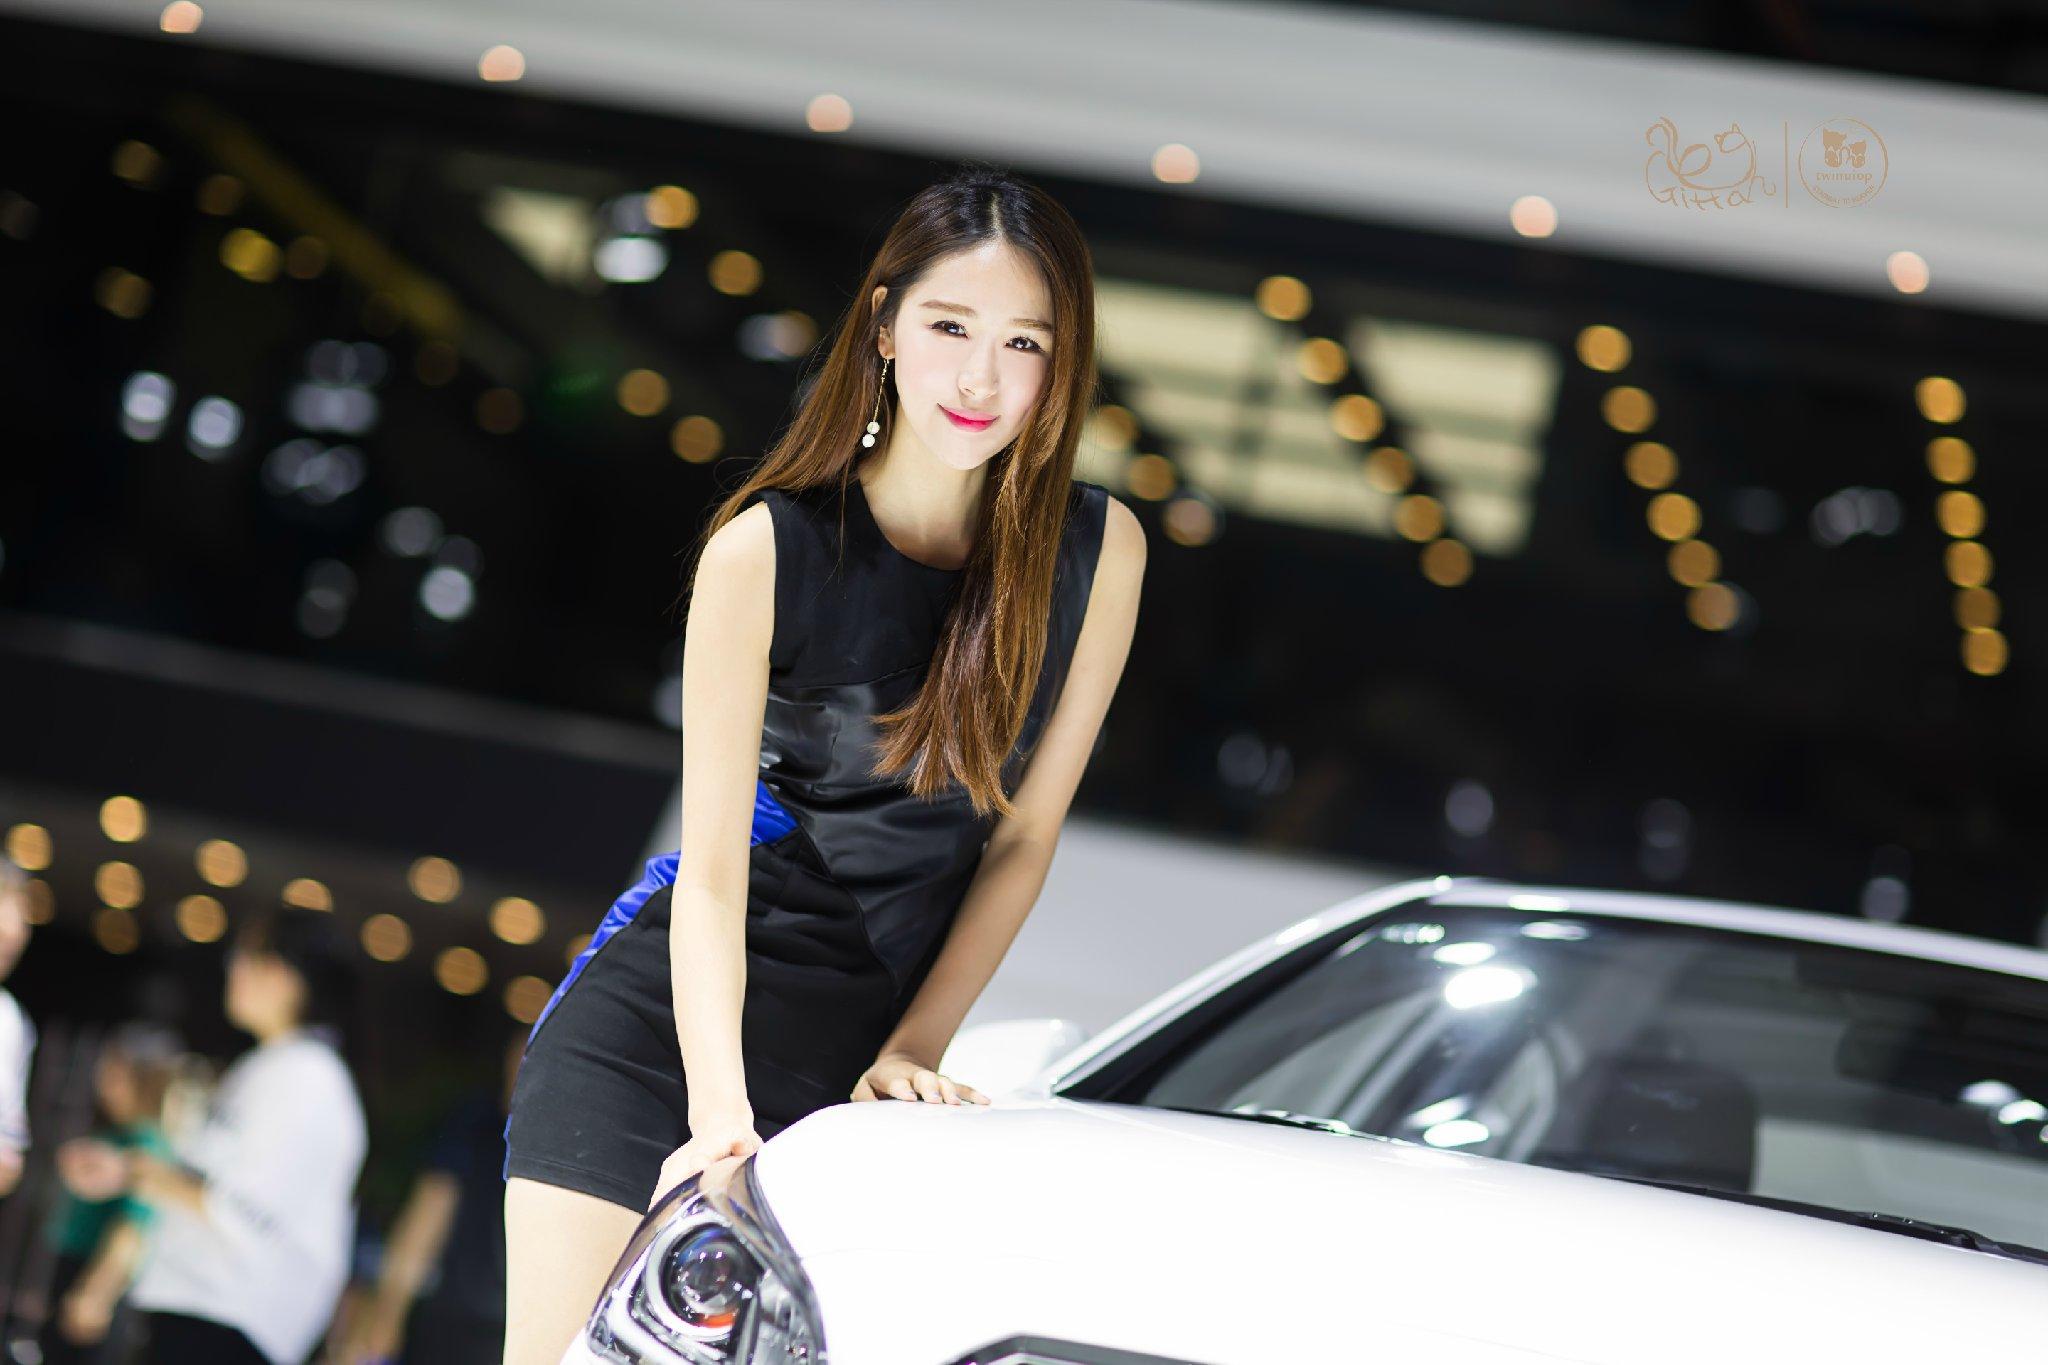 2016长春车展北京现代展台身穿黑色连身裙的美女车模wuli闻堇baby美腿诱惑